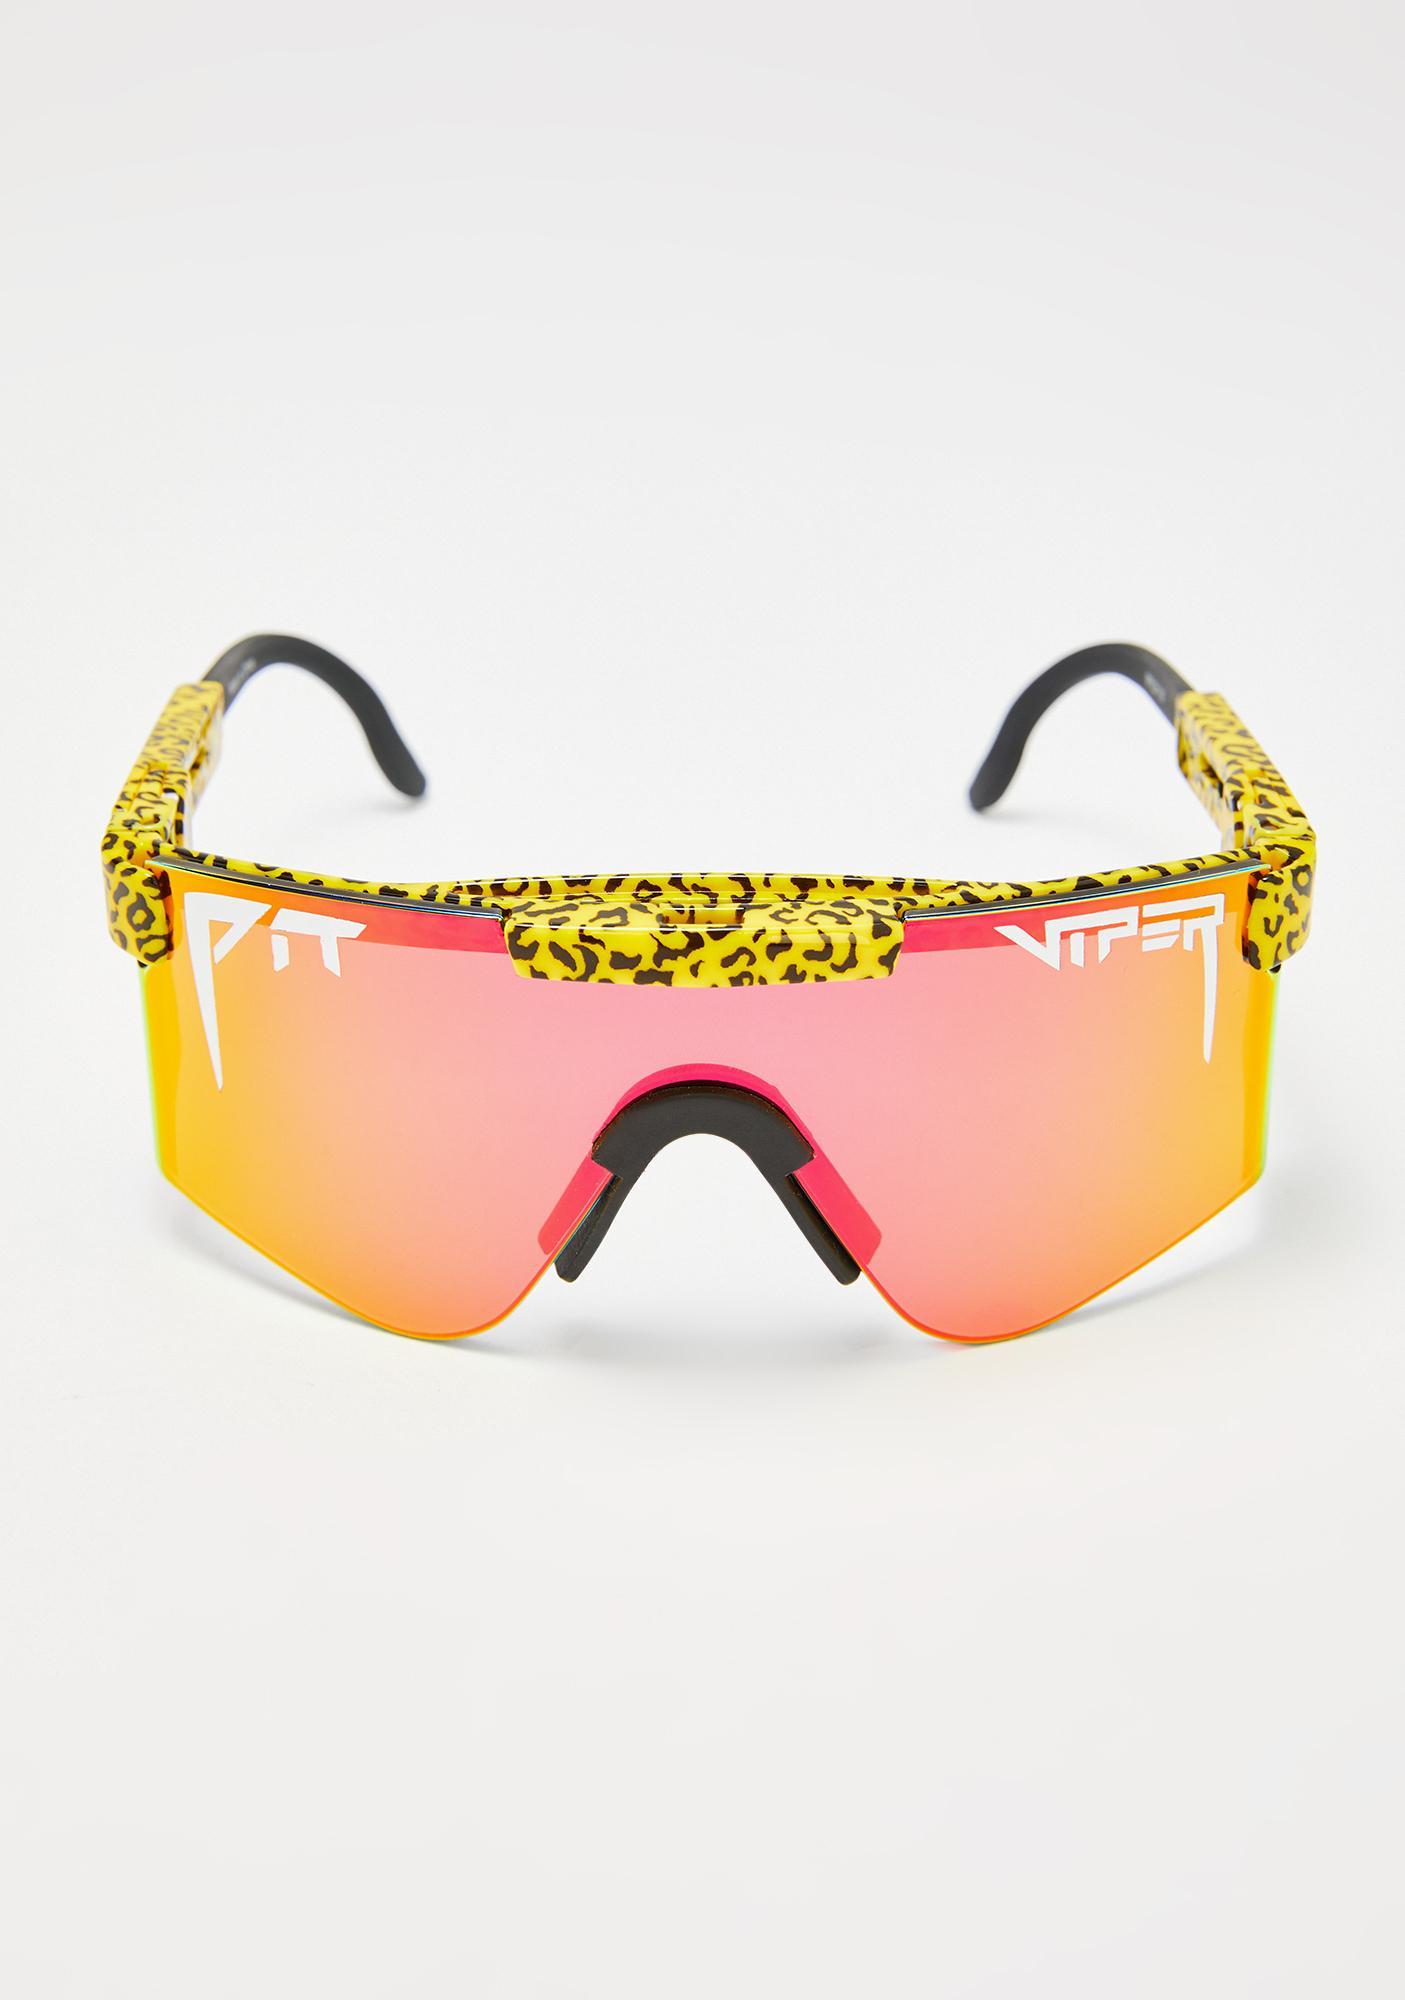 Pit Viper The Carnivore Polarized Sunglasses